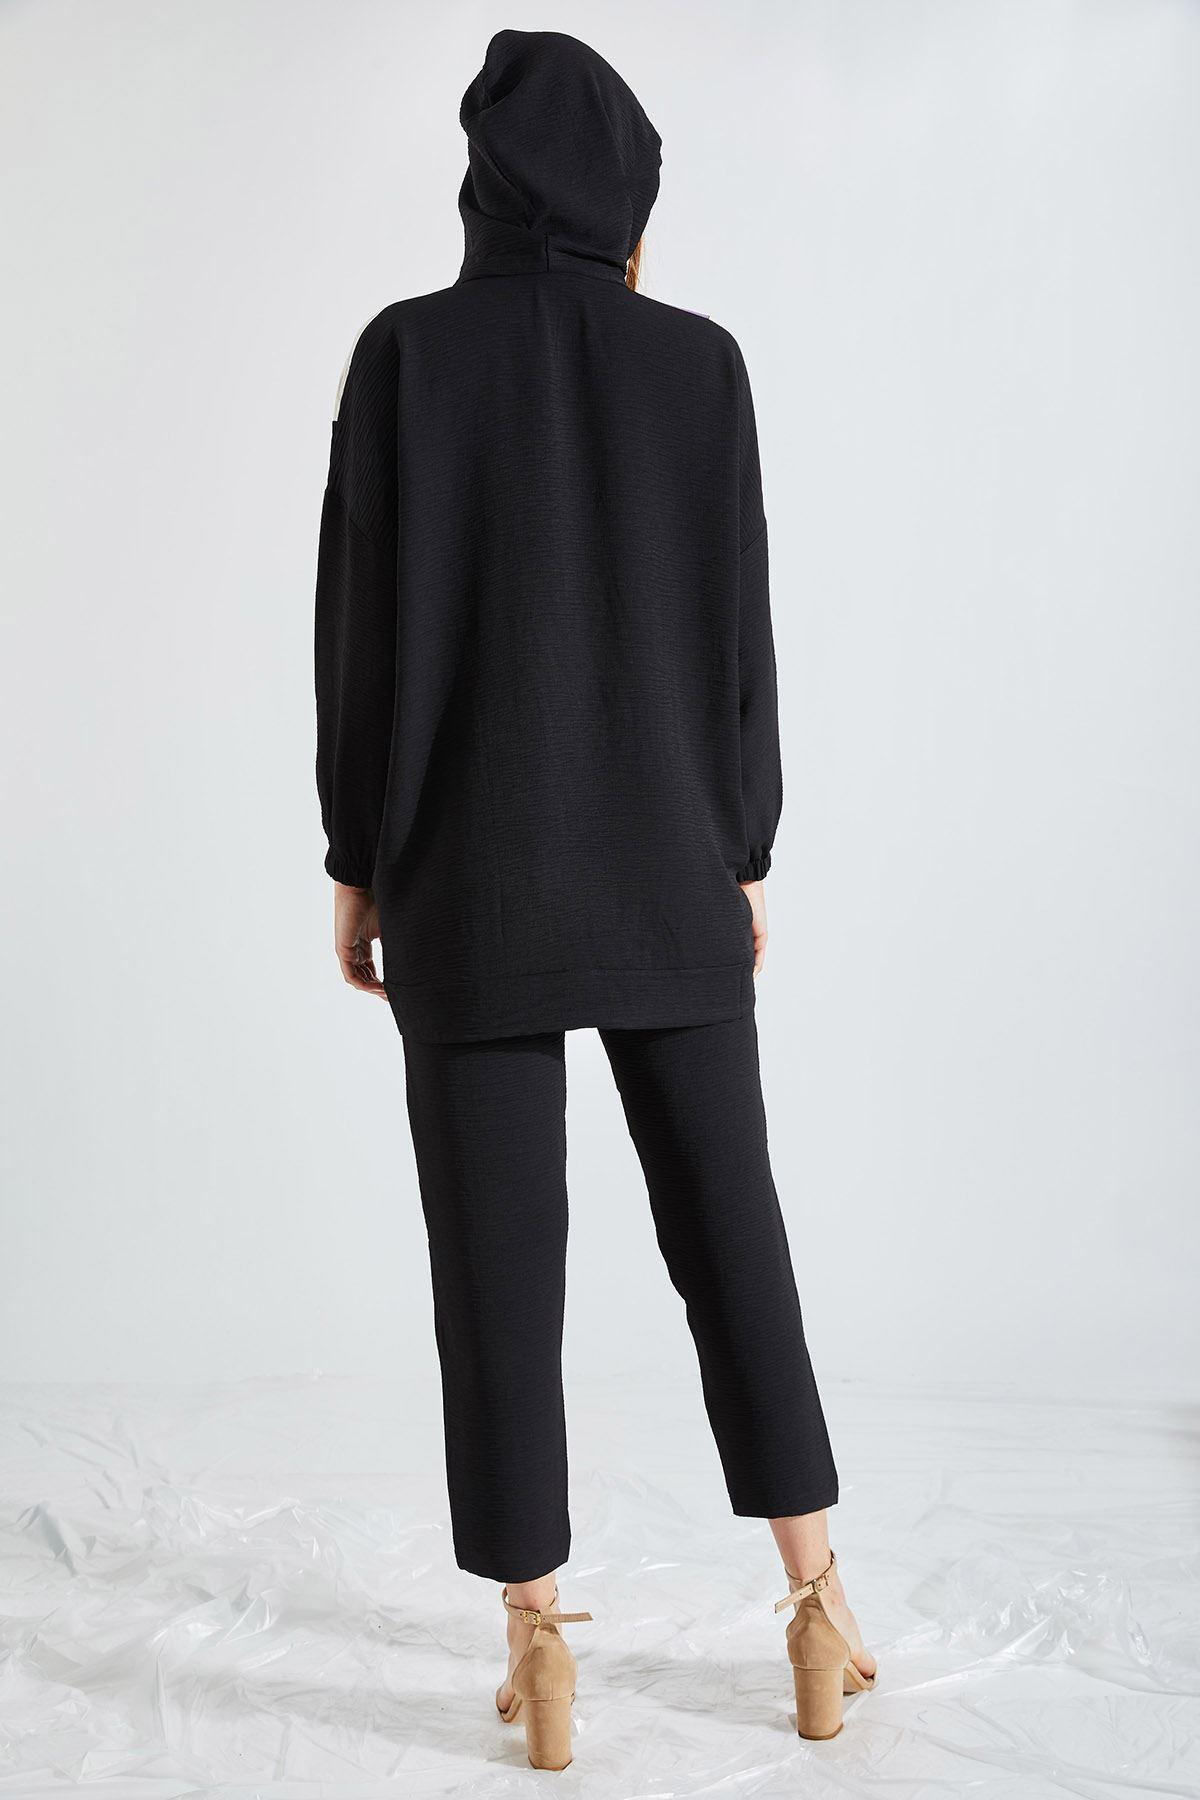 Kadın Kapüşonlu Üç Renk Siyah Takım